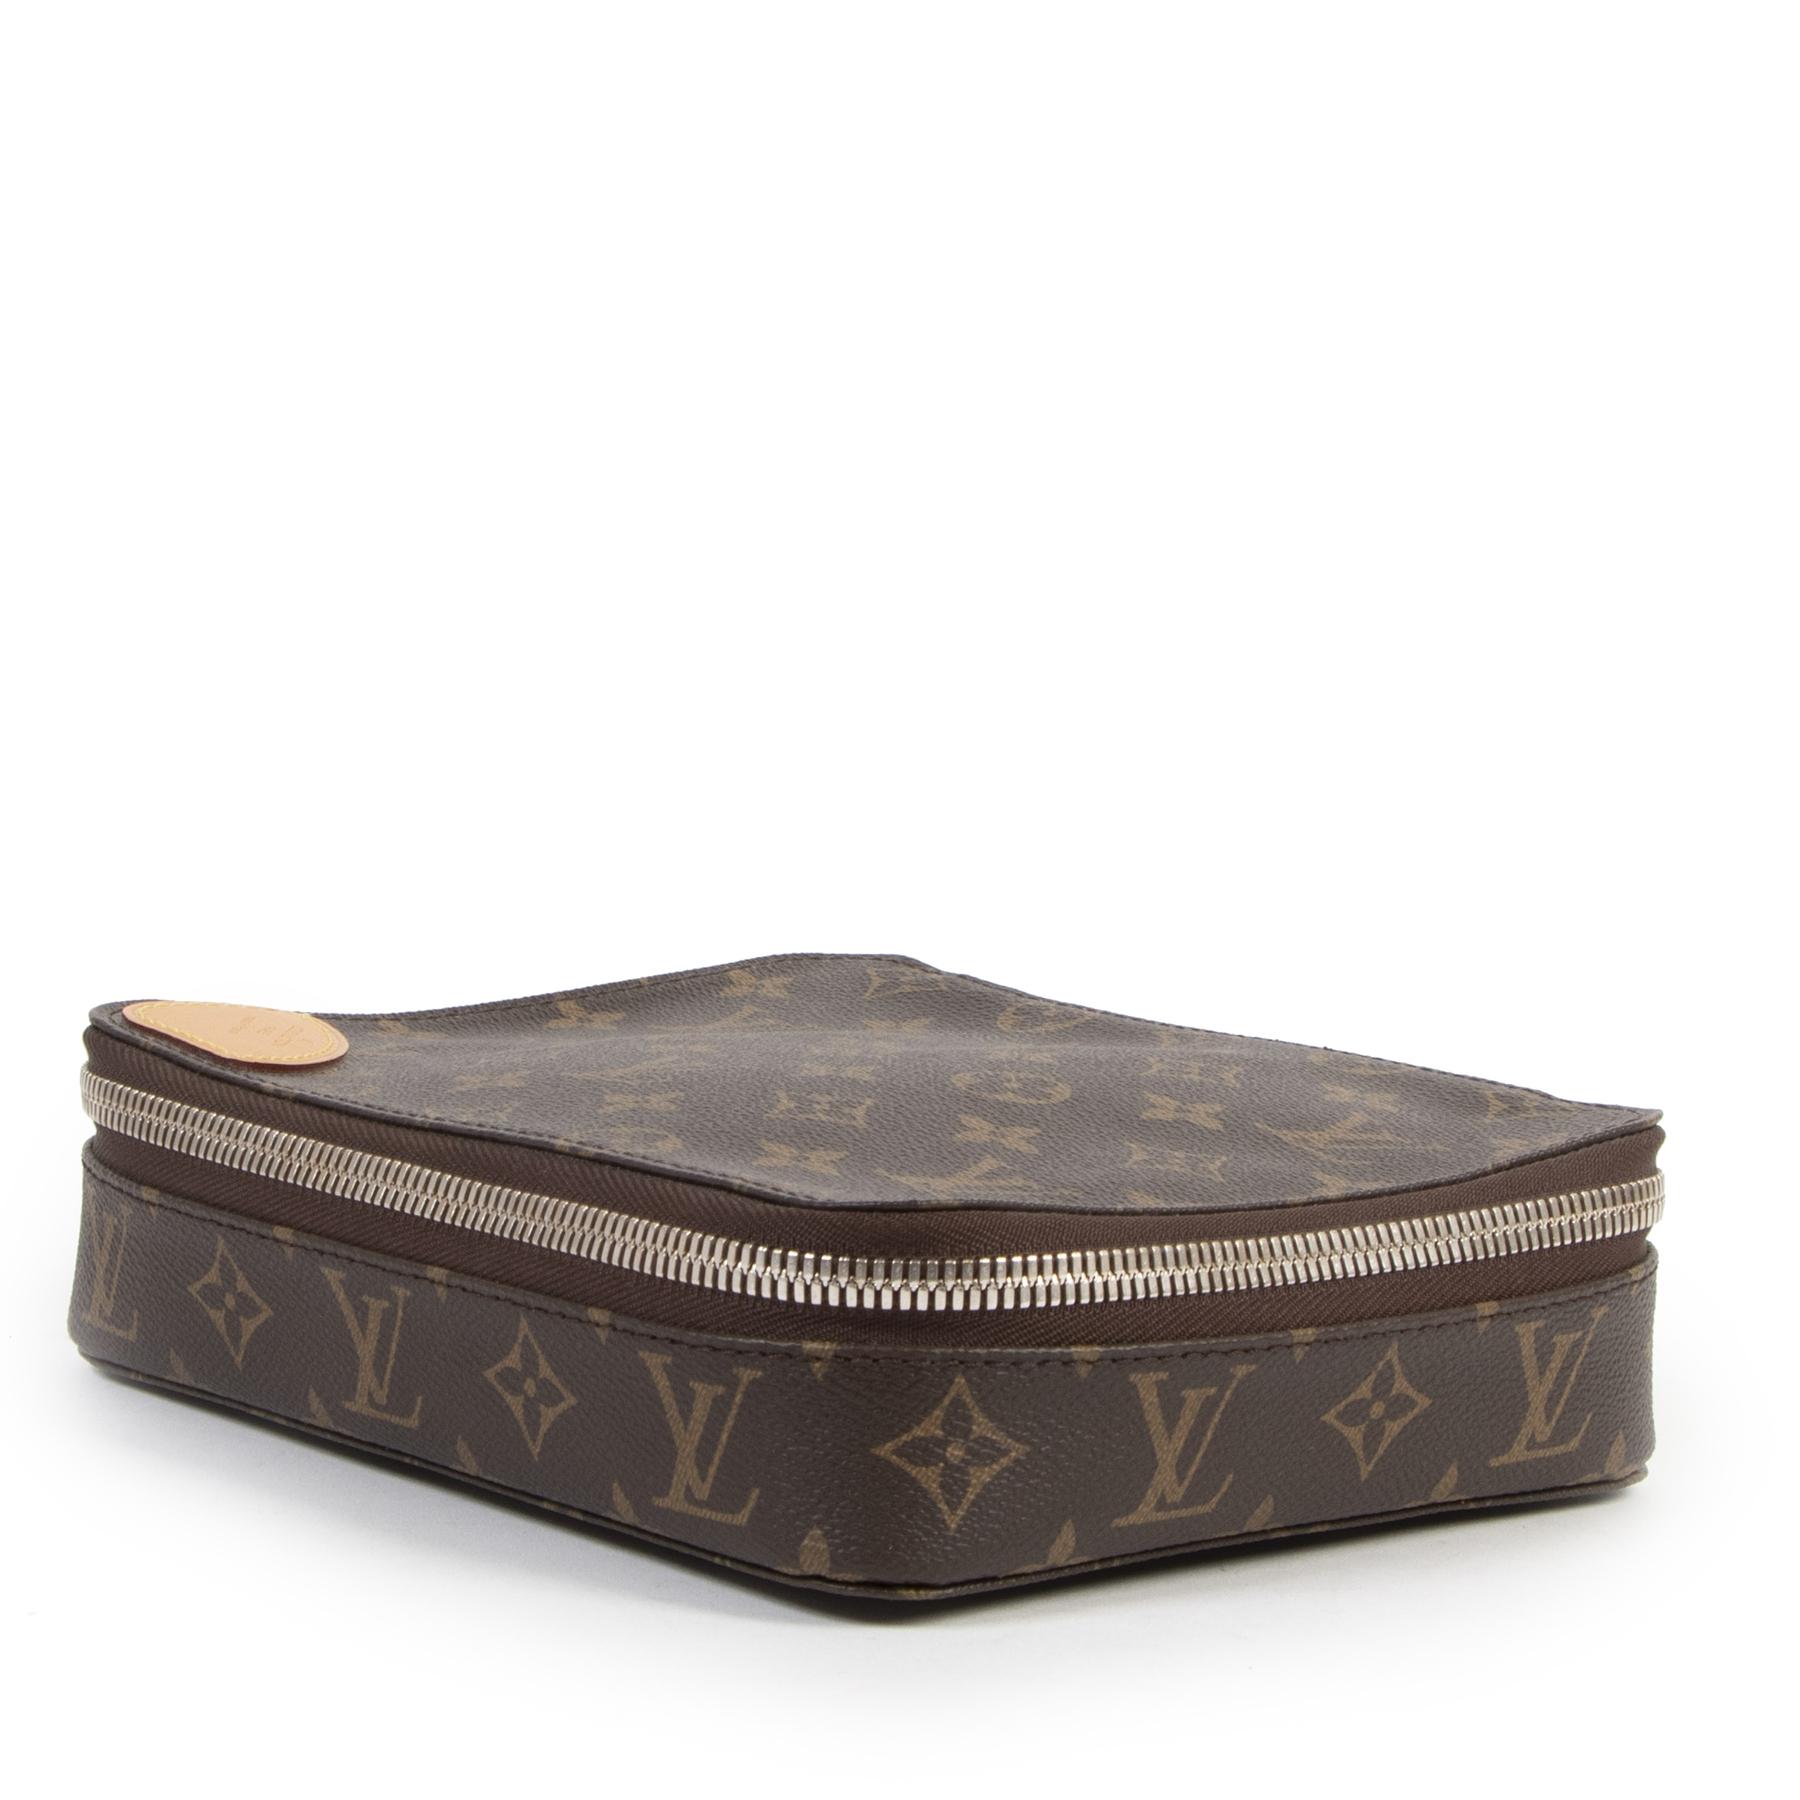 Authentieke Tweedehands Louis Vuitton Monogram Trousse Toiletry Bag juiste prijs veilig online shoppen luxe merken webshop winkelen Antwerpen België mode fashion